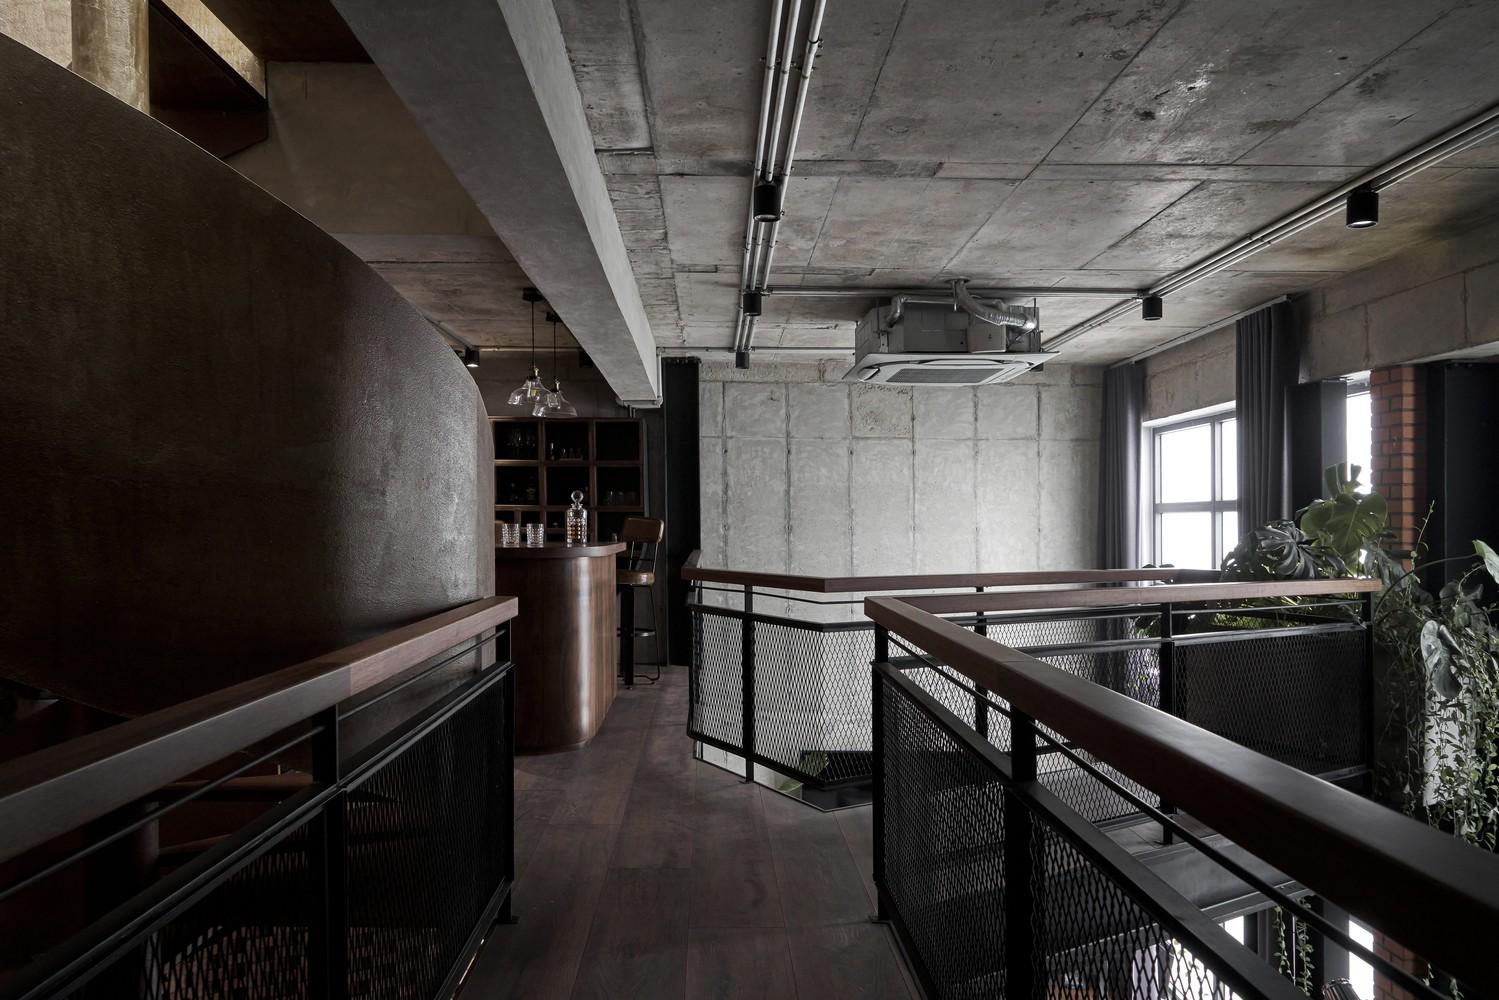 Tuy nhiên, do hệ thống kết cấu bằng thép khá nặng và cồng kềnh nên quá trình vận chuyển lên tầng 33 và lắp đặt cũng gặp phải một số khó khăn.